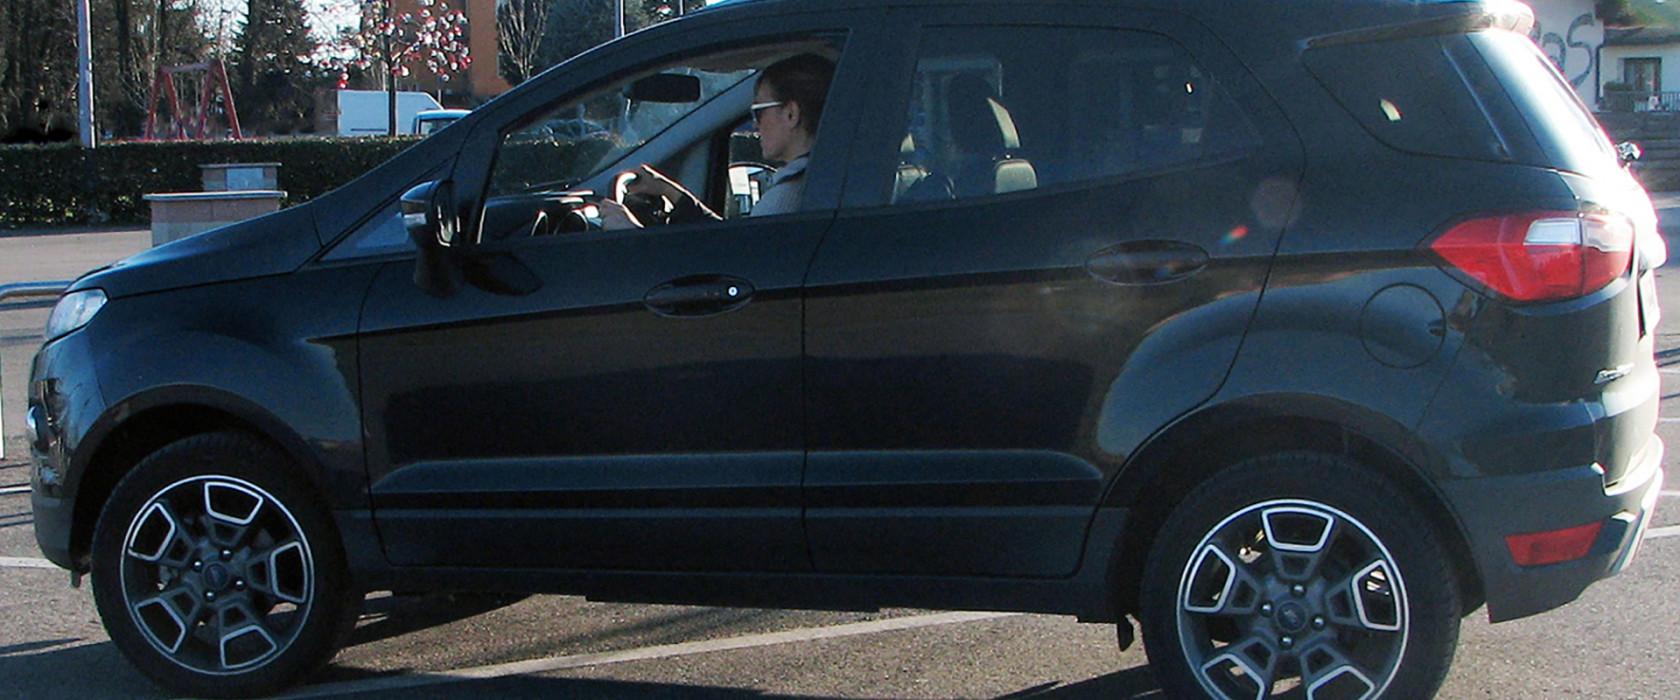 Ford EcoSport Penna Parcheggio copia